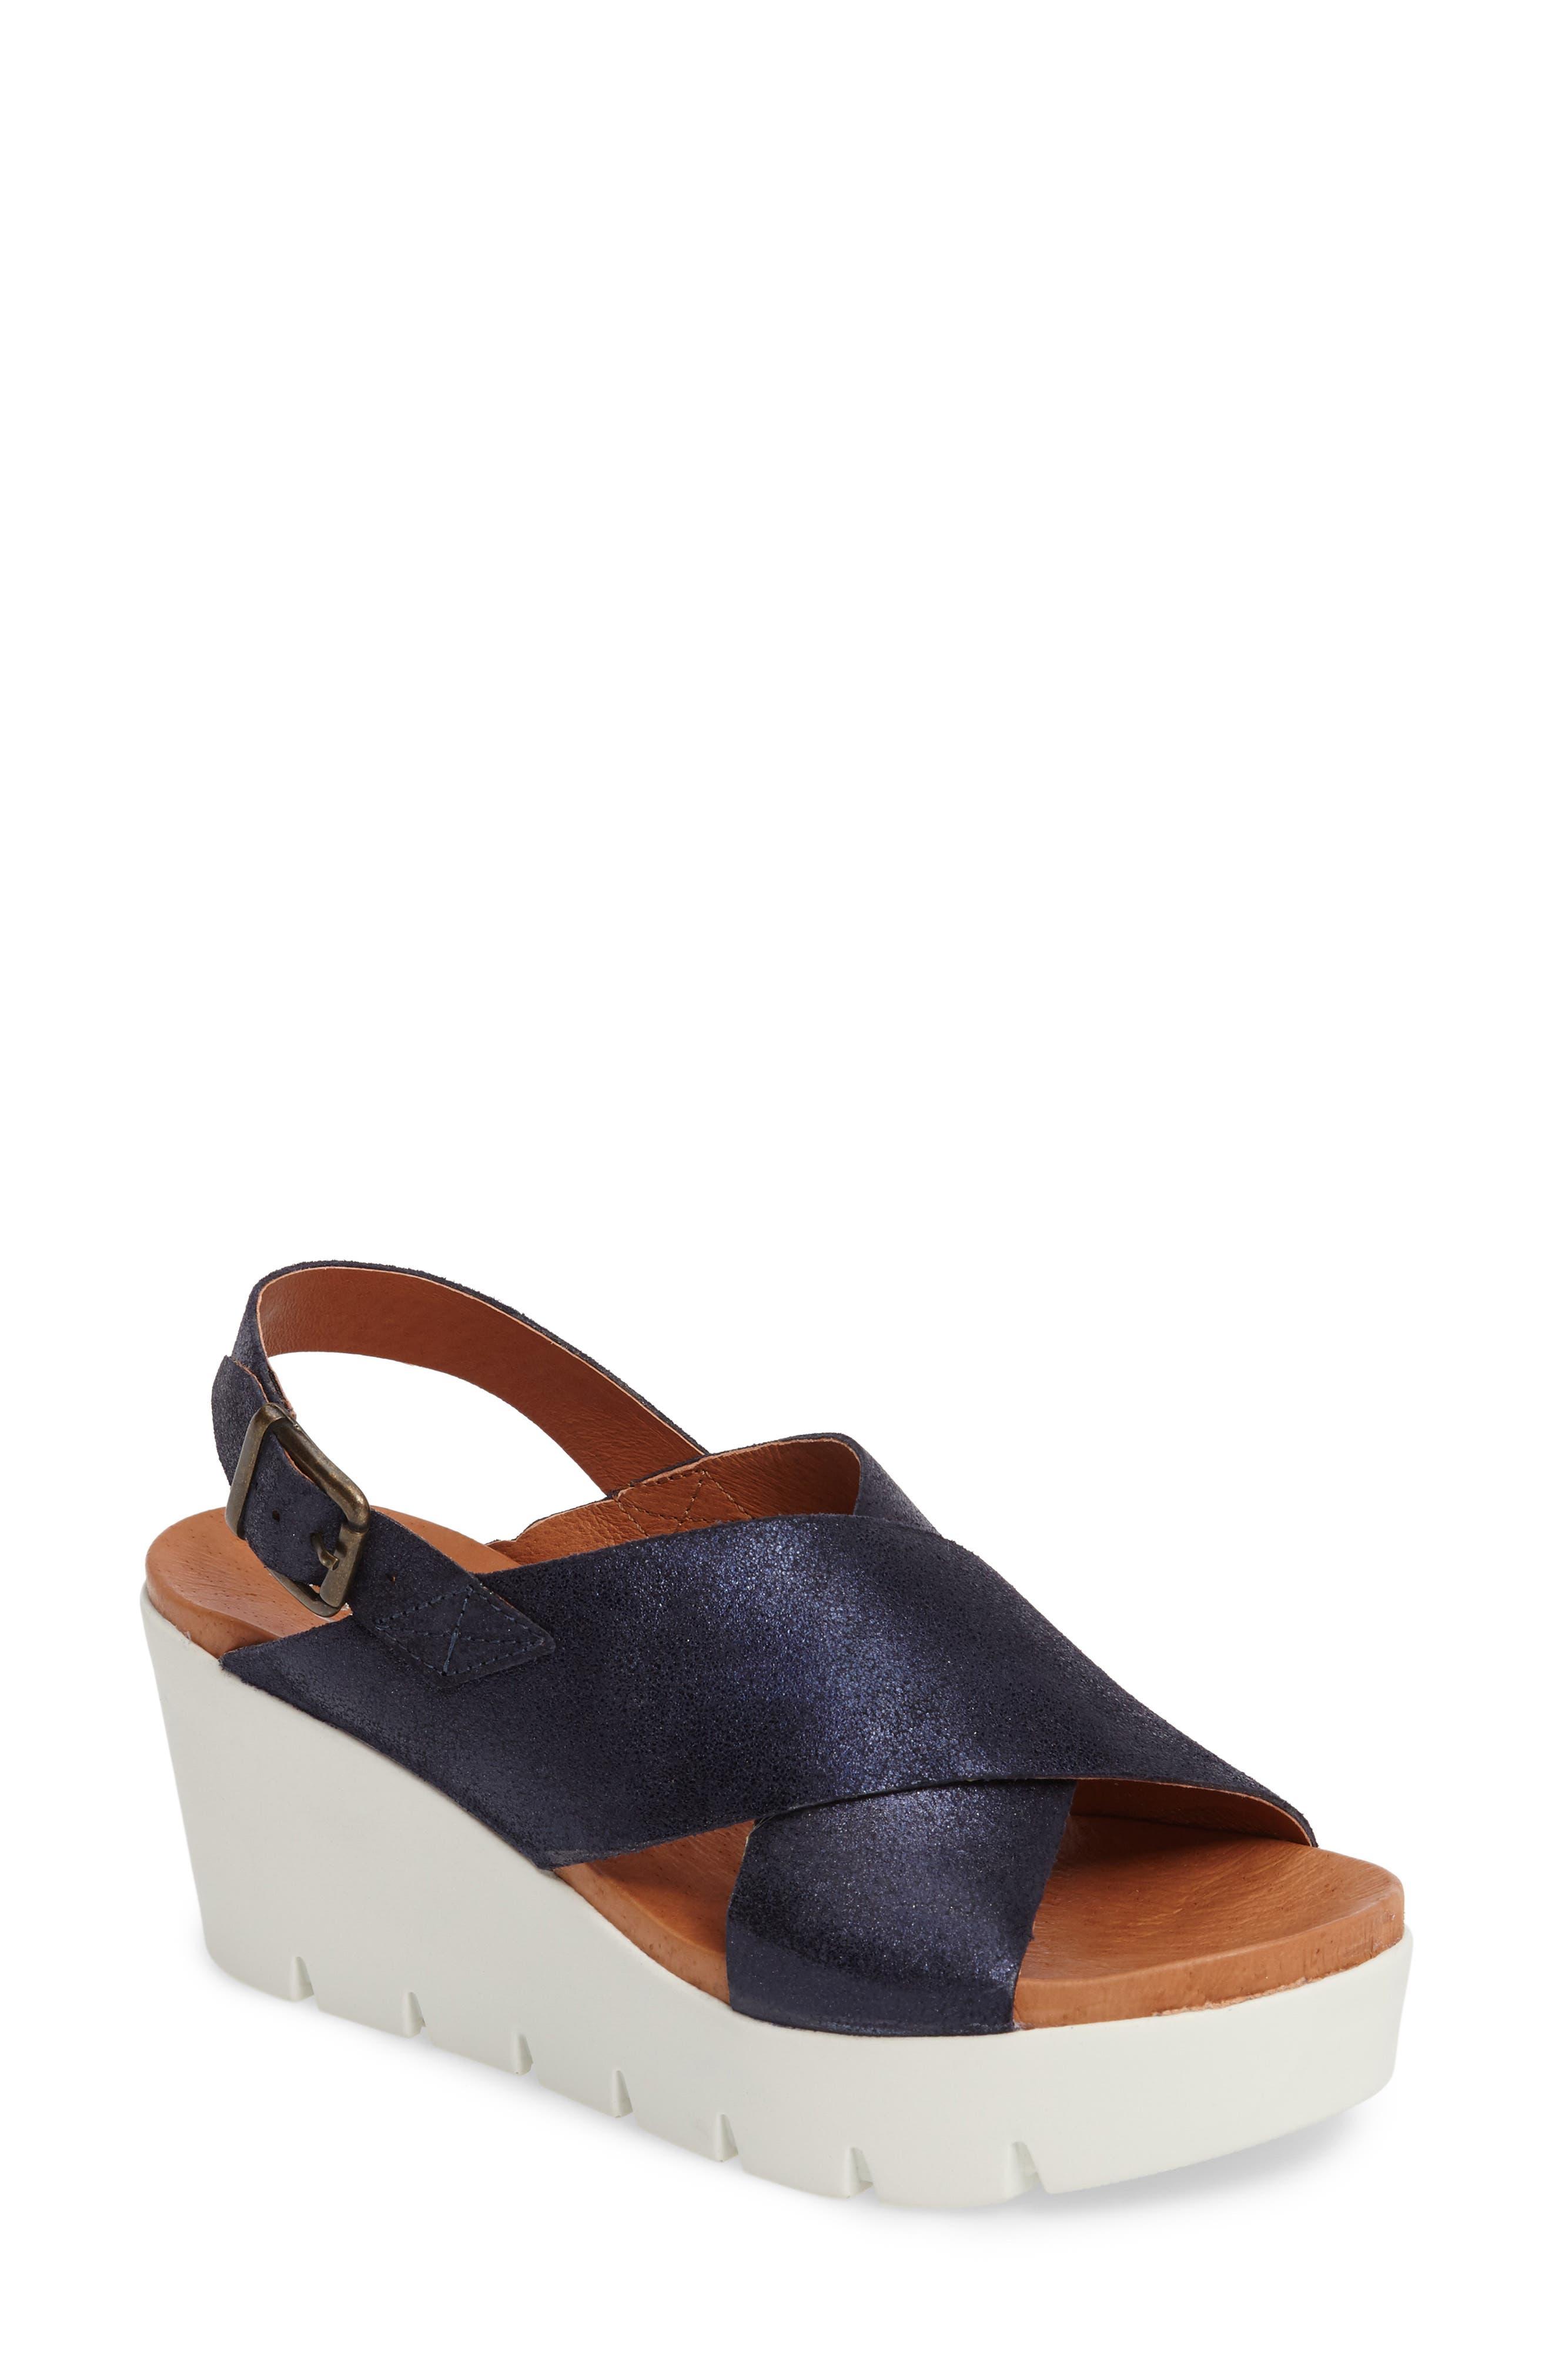 Payton Platform Wedge Sandal,                         Main,                         color, Navy Glitter Suede